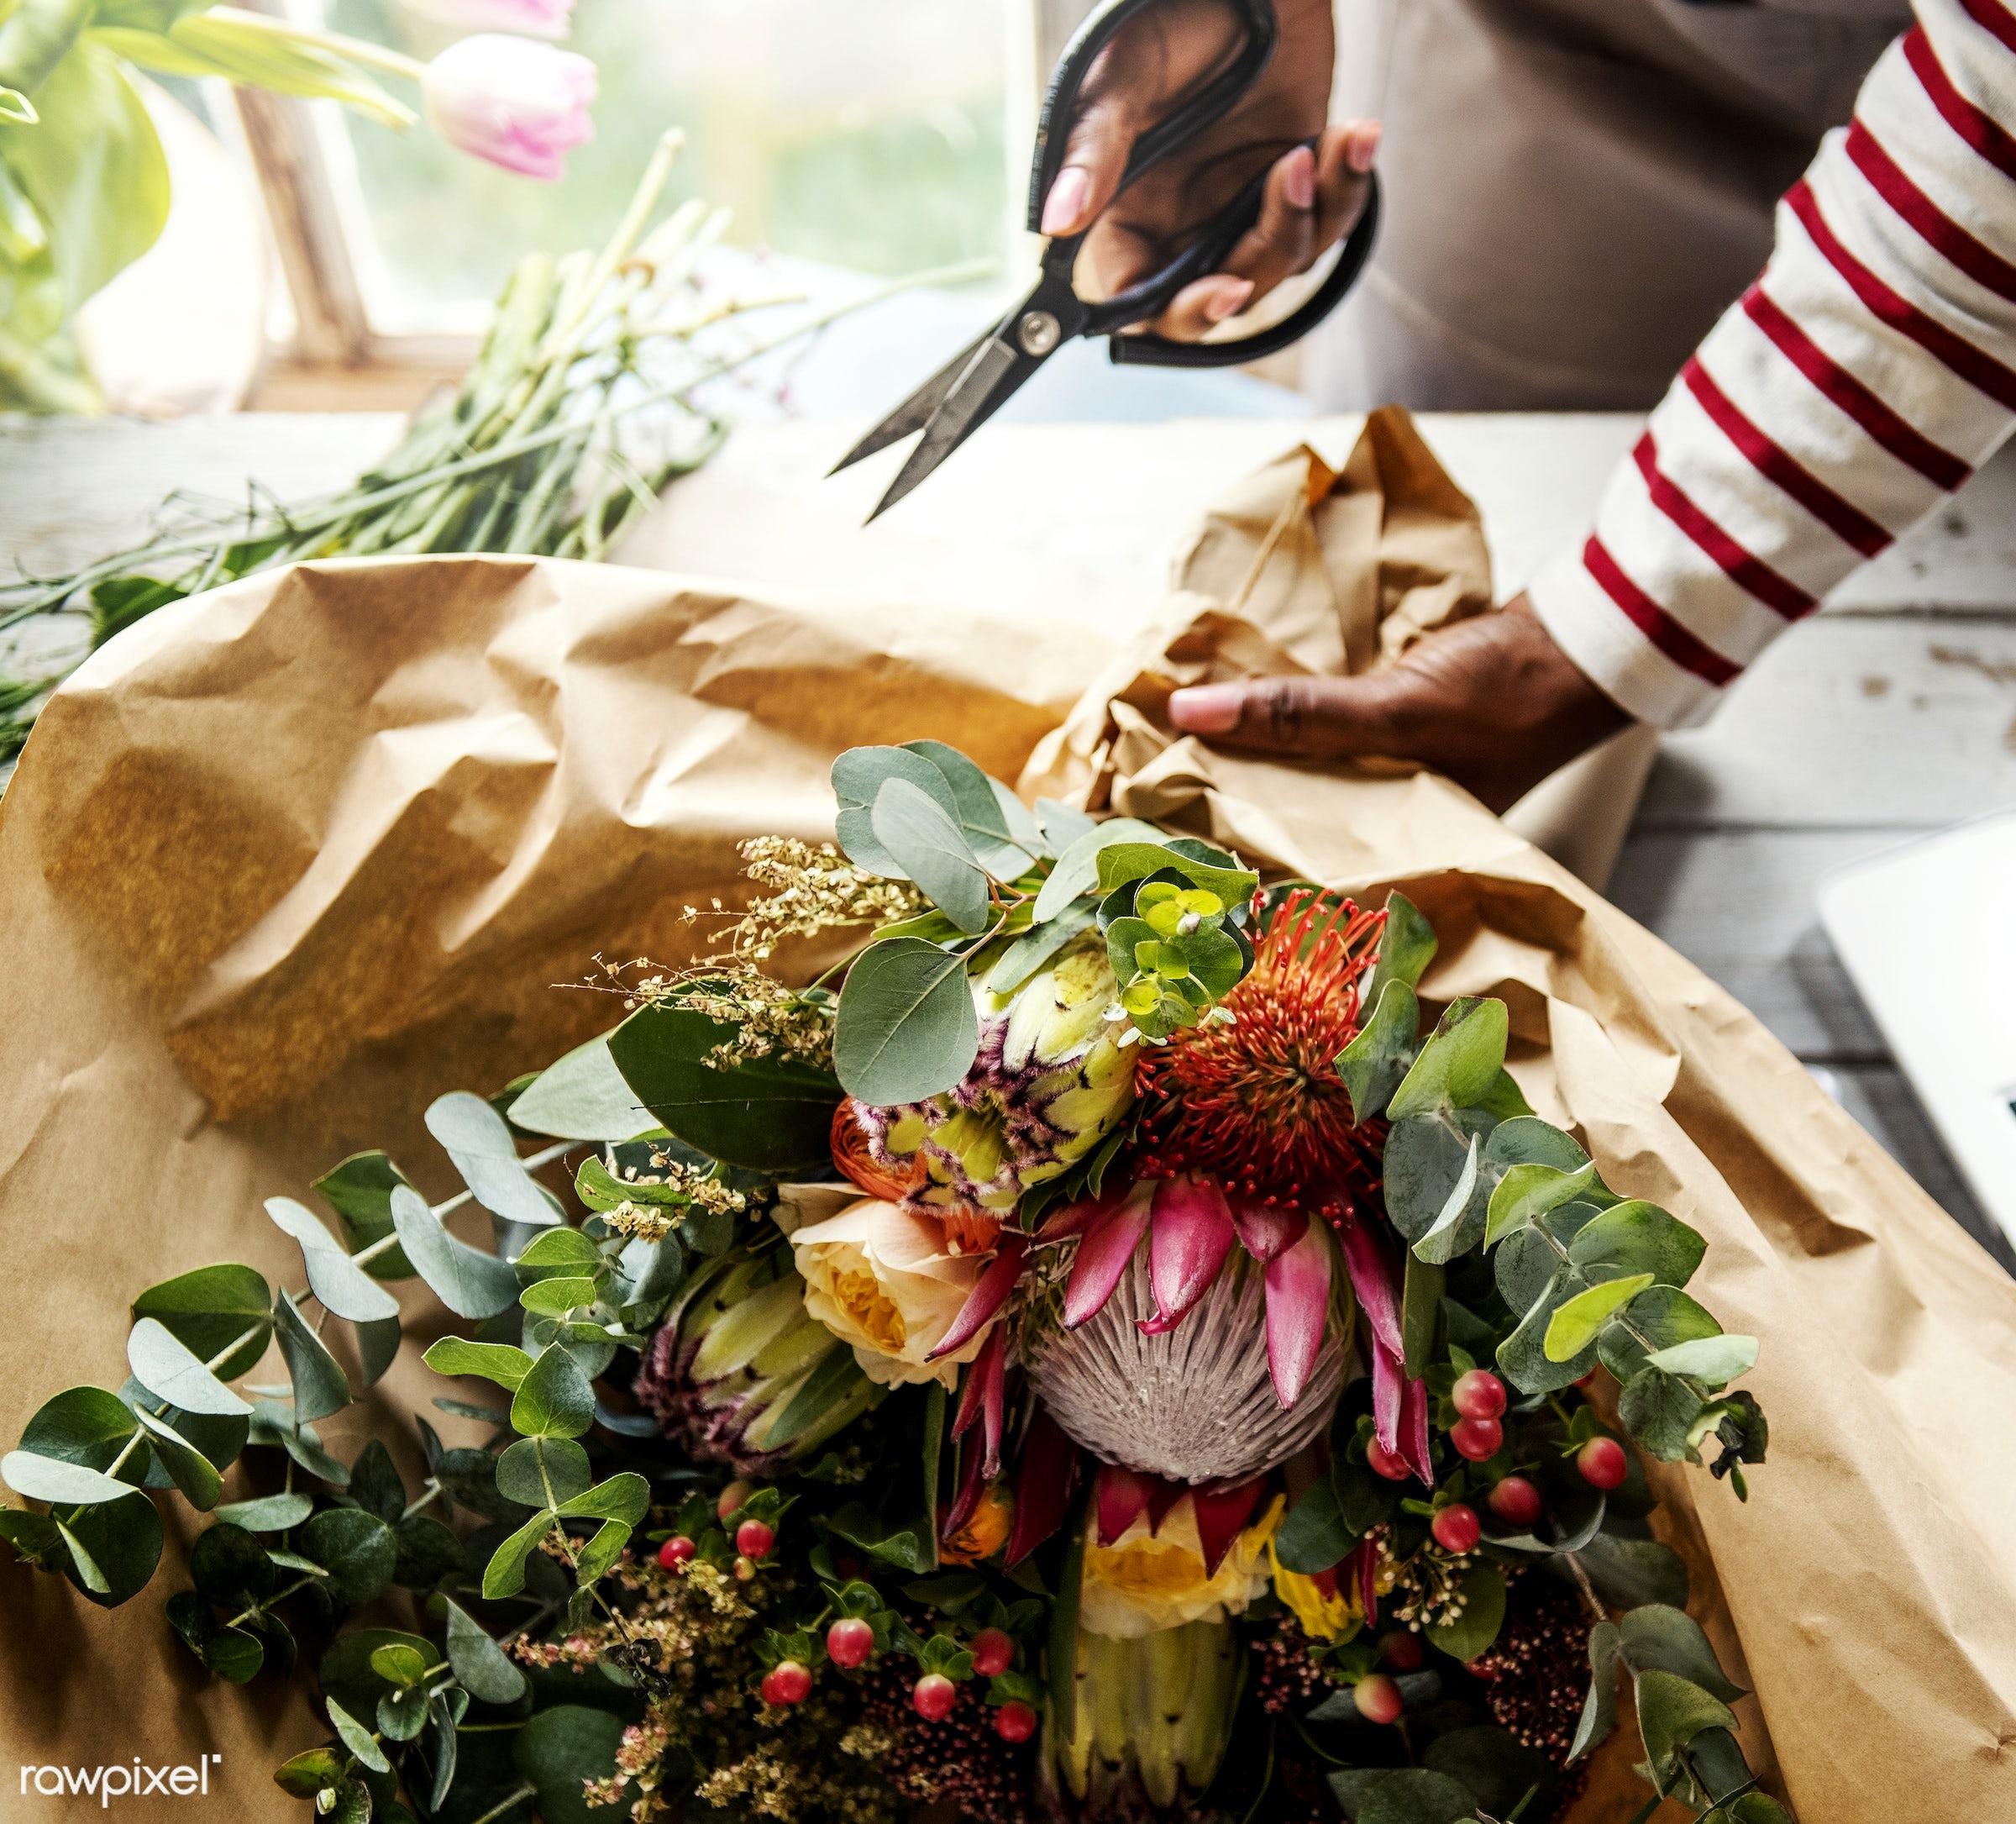 bouquet, shop, detail, person, decor, nature, woman, flowers, work, refreshment, florist, present, arrangement, roses,...